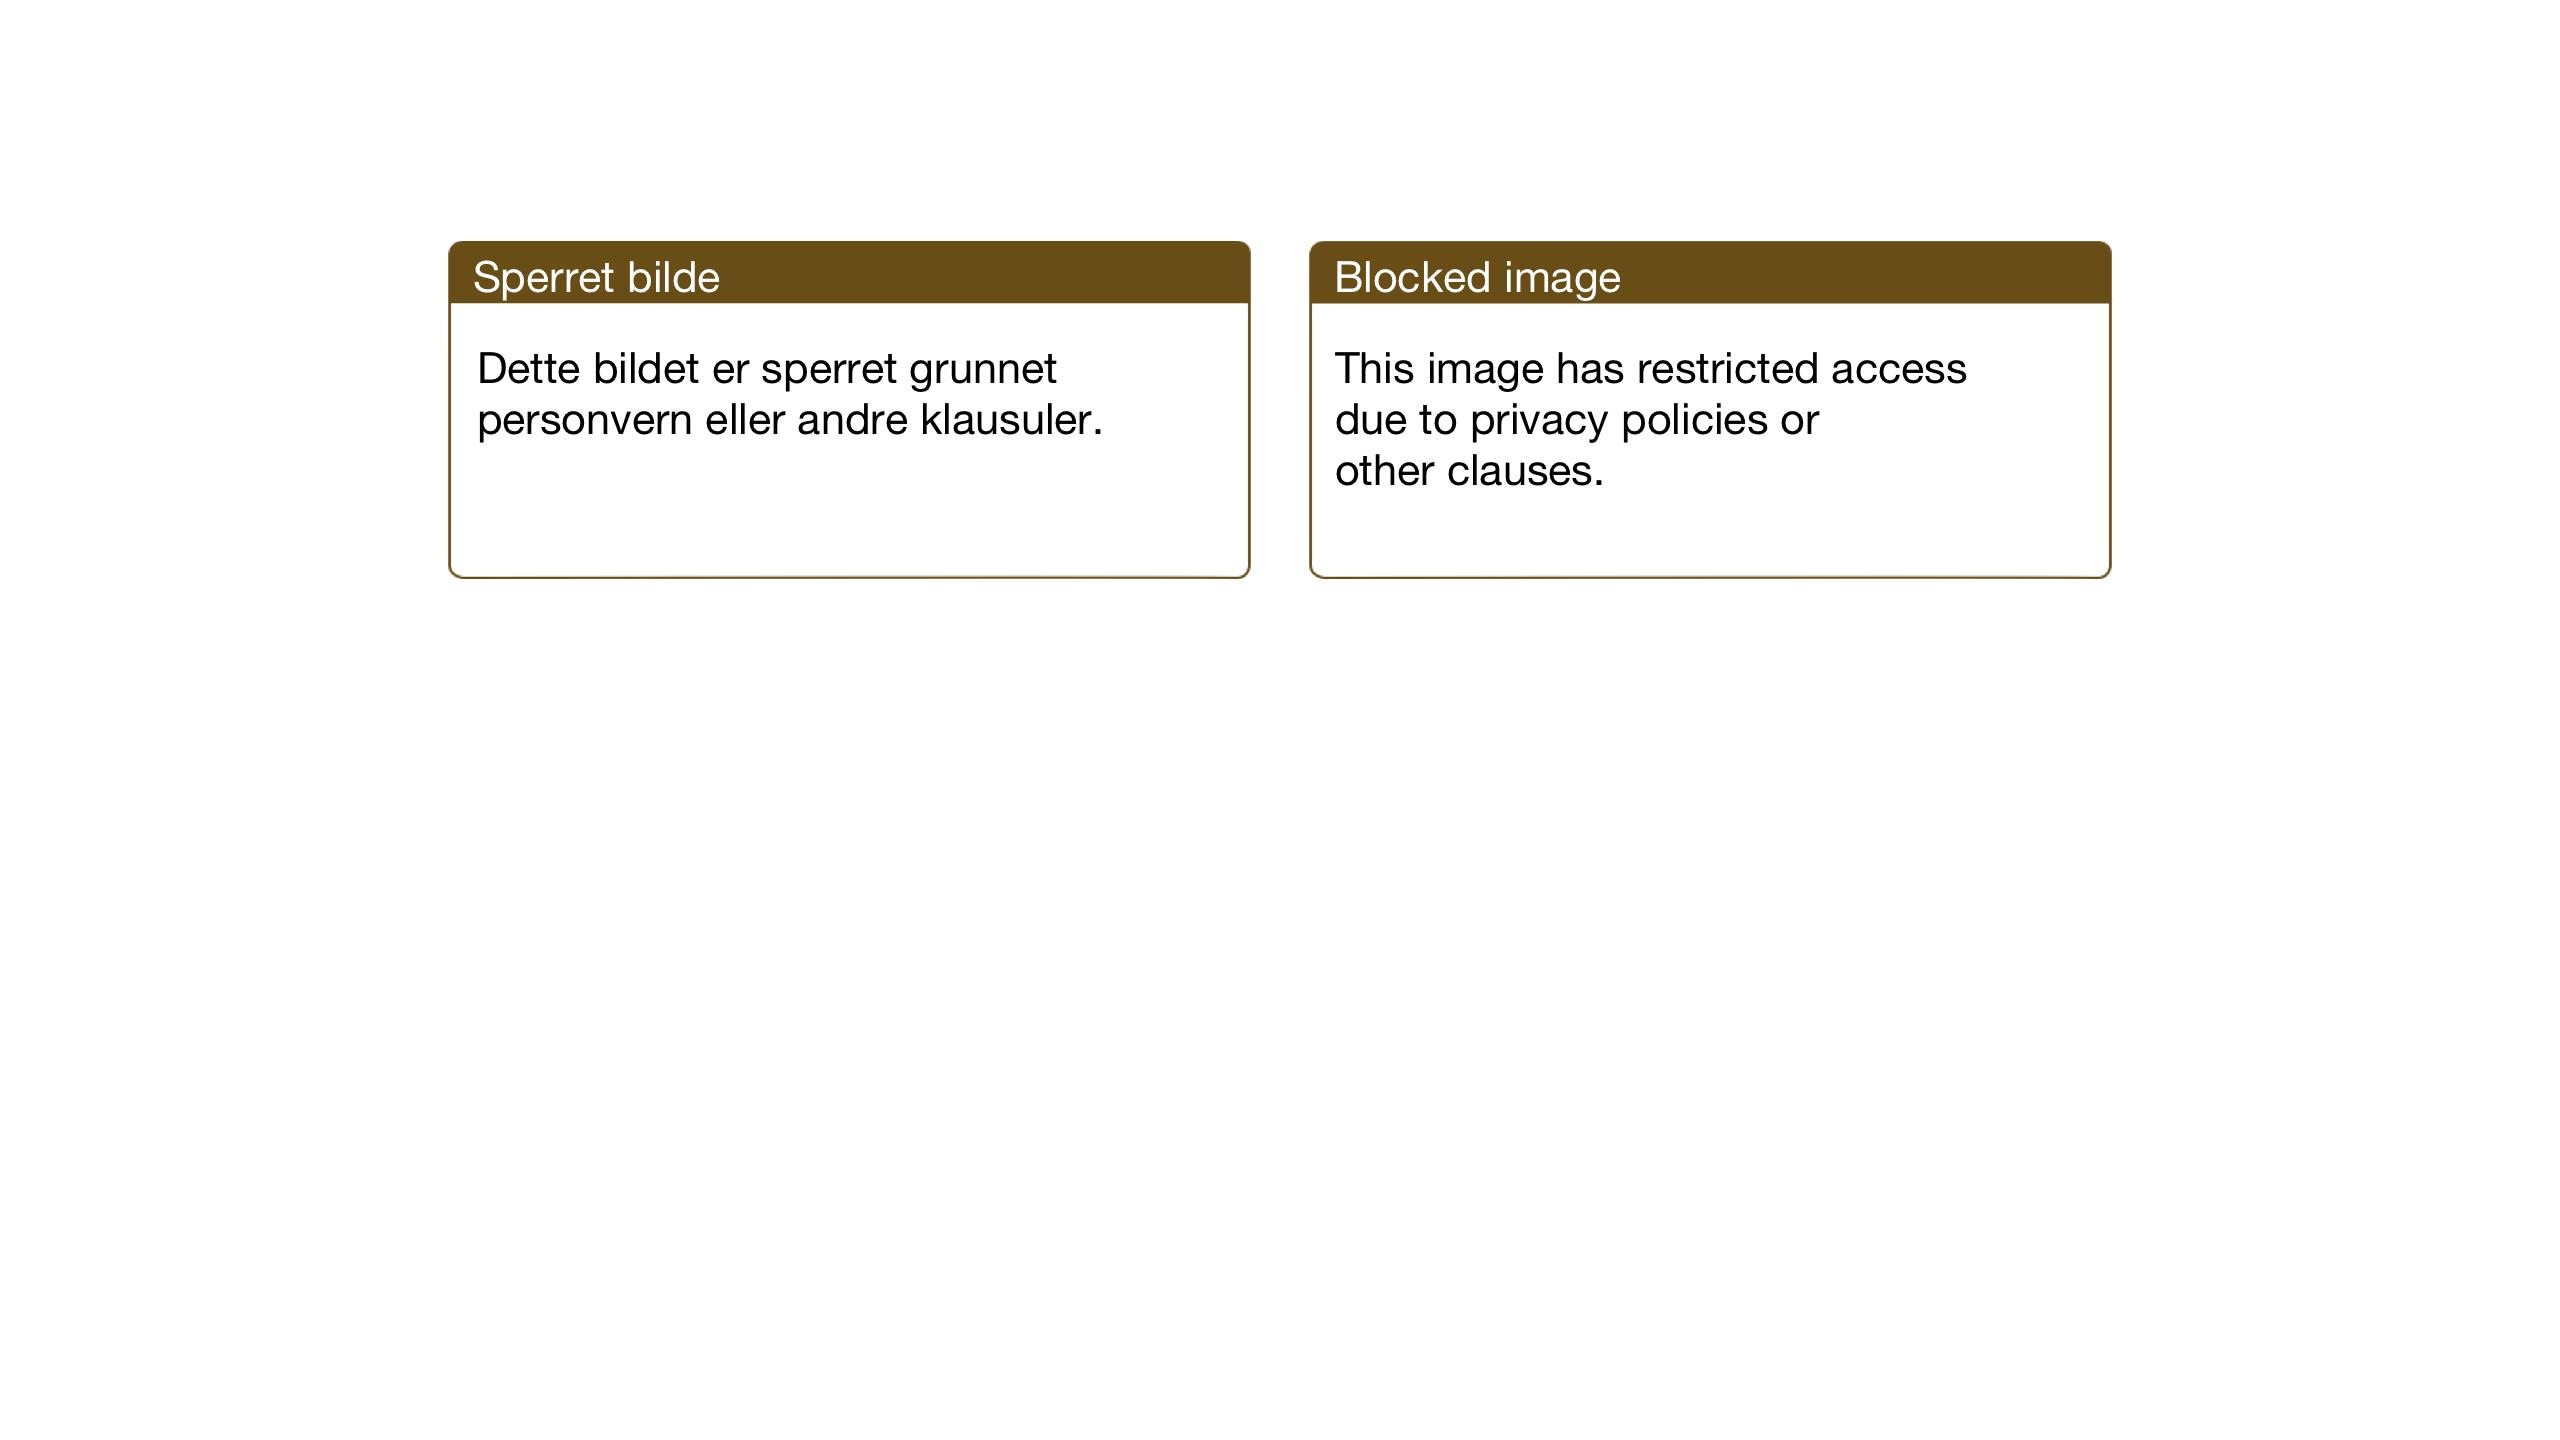 SAT, Ministerialprotokoller, klokkerbøker og fødselsregistre - Nord-Trøndelag, 745/L0434: Klokkerbok nr. 745C03, 1914-1937, s. 70